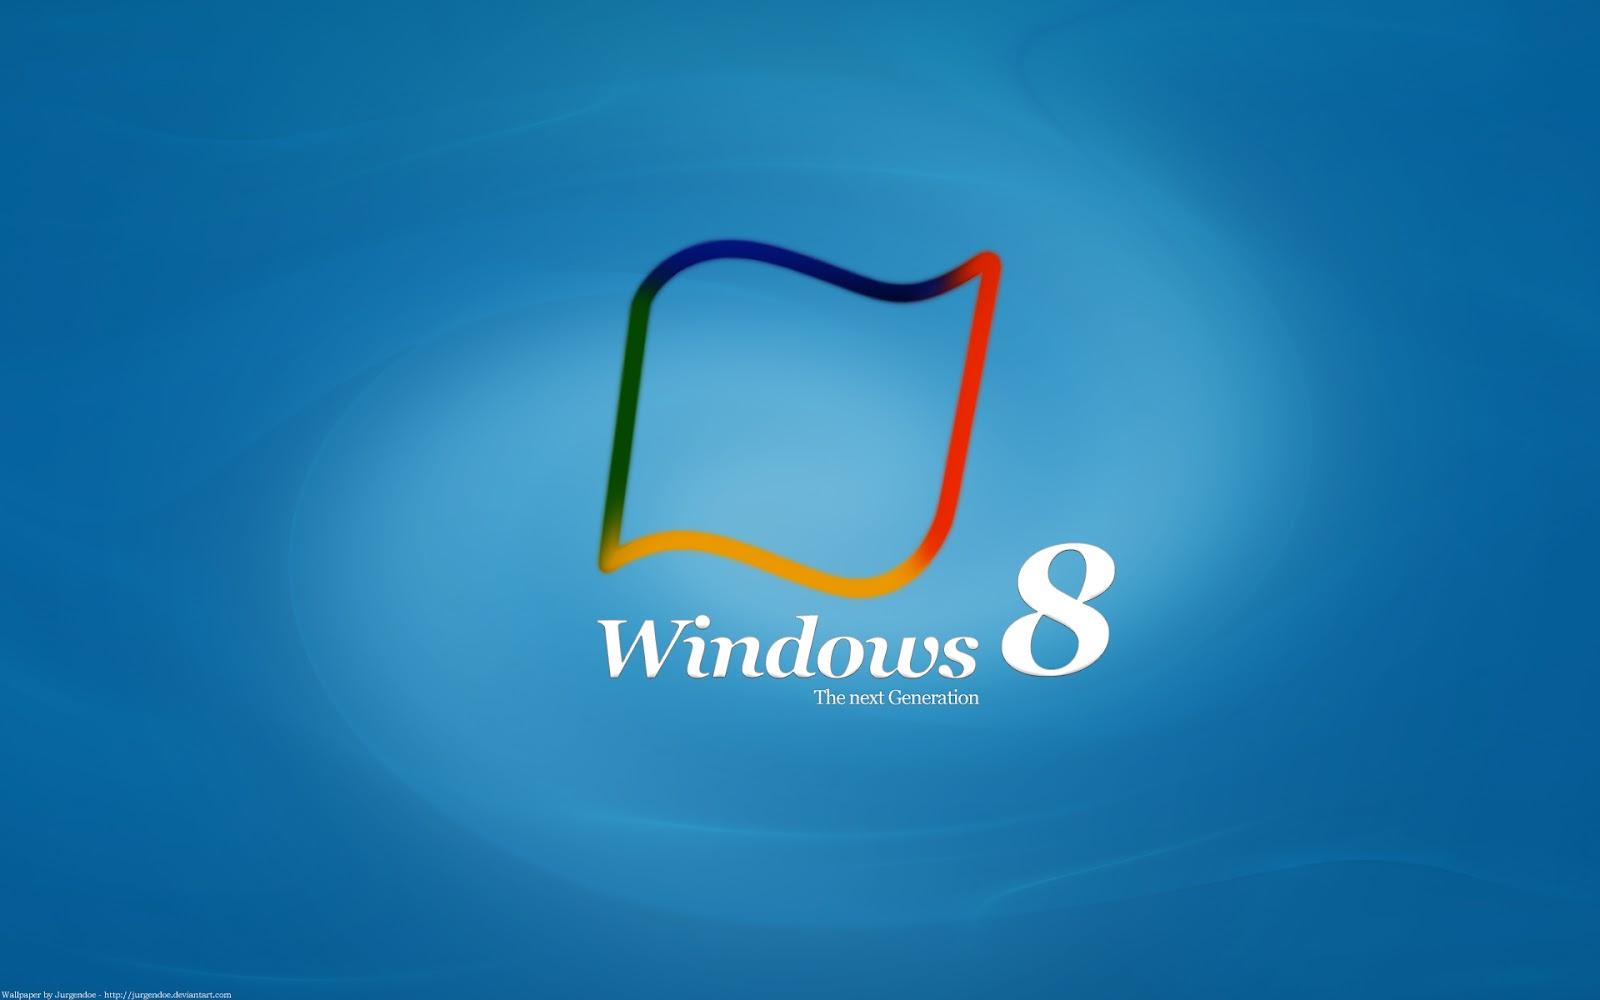 http://3.bp.blogspot.com/-Mk1OD77GUIw/T-mjRJ64W7I/AAAAAAAAB7Q/cigbwKtWzHw/s1600/Windows+8+HD+Wallpapers%7Bfreehqwallpapers.blogspot.com%7D+%2818%29.jpg